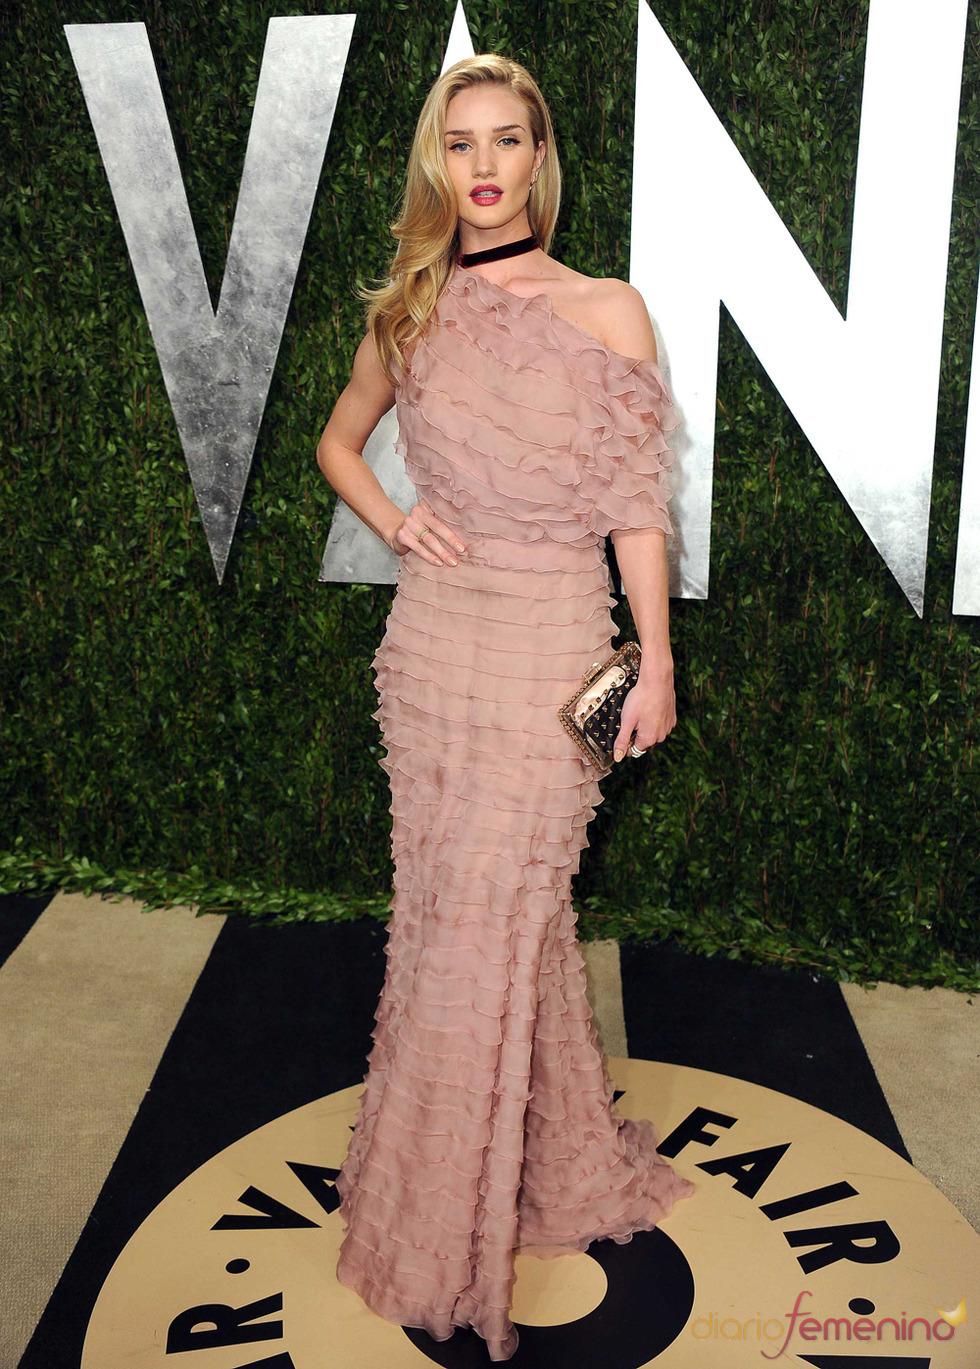 Rosie Huntington Whiteley en la fiesta de Vanity celebrada tras los Oscar 2013